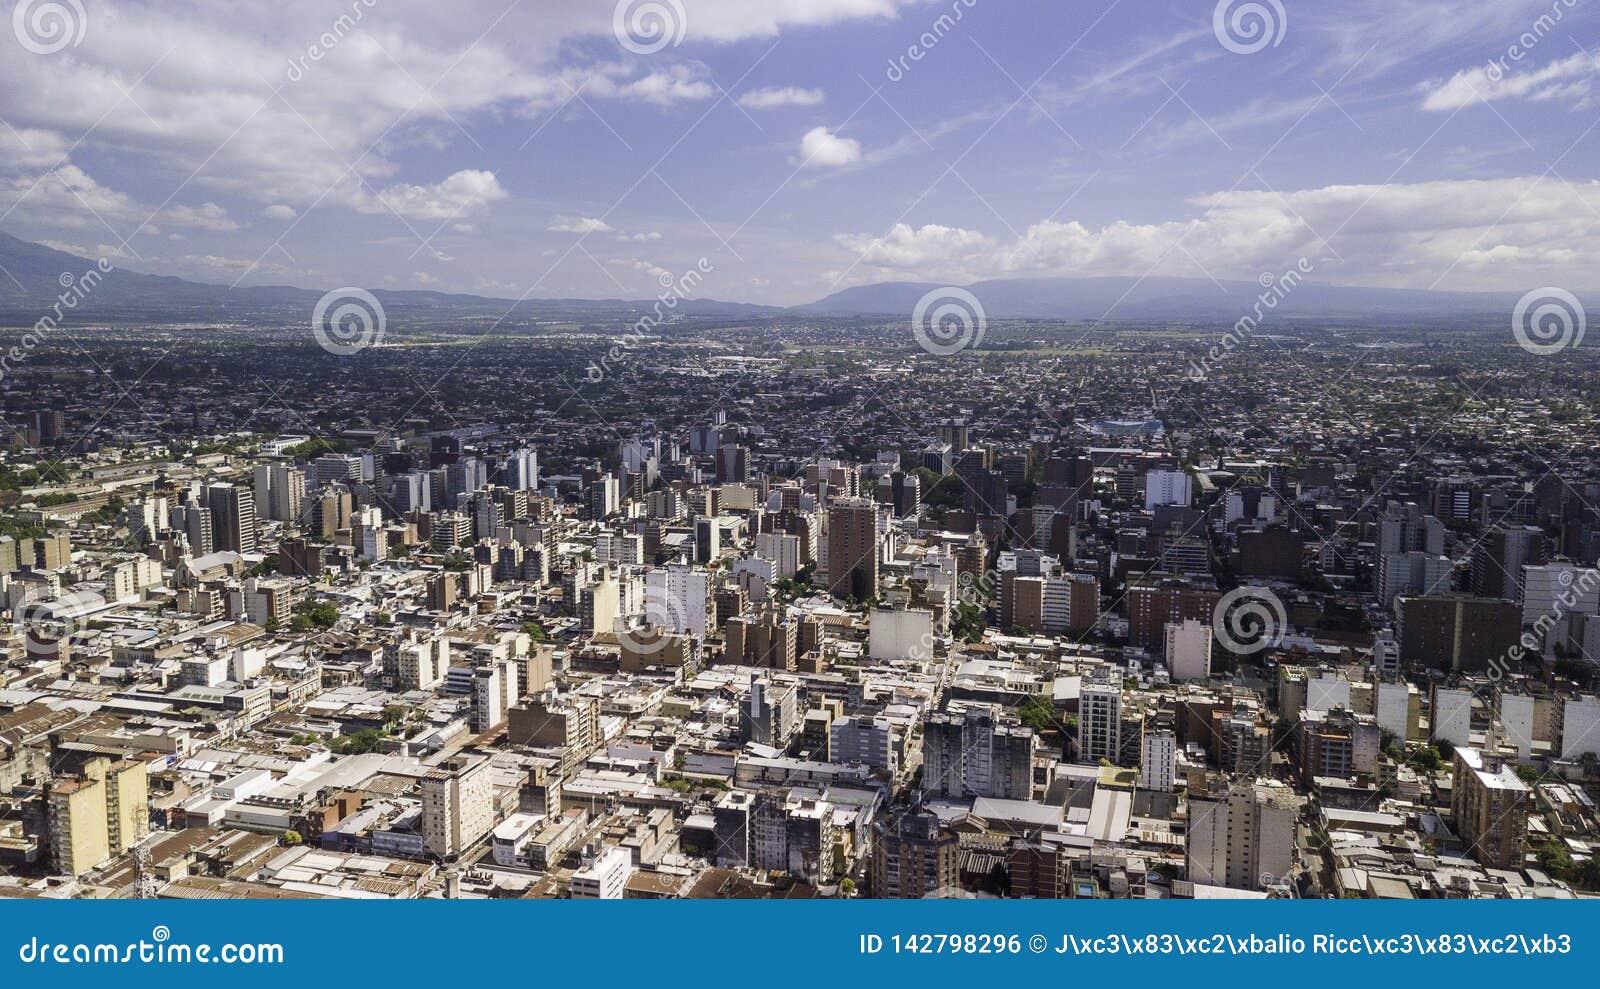 ¡ N/Argentina - 01 för San Miguel de Tucumà ¡ n/Tucumà 01 19: Flyg- sikt av staden av San Miguel de Tucumà ¡ n, Argentina